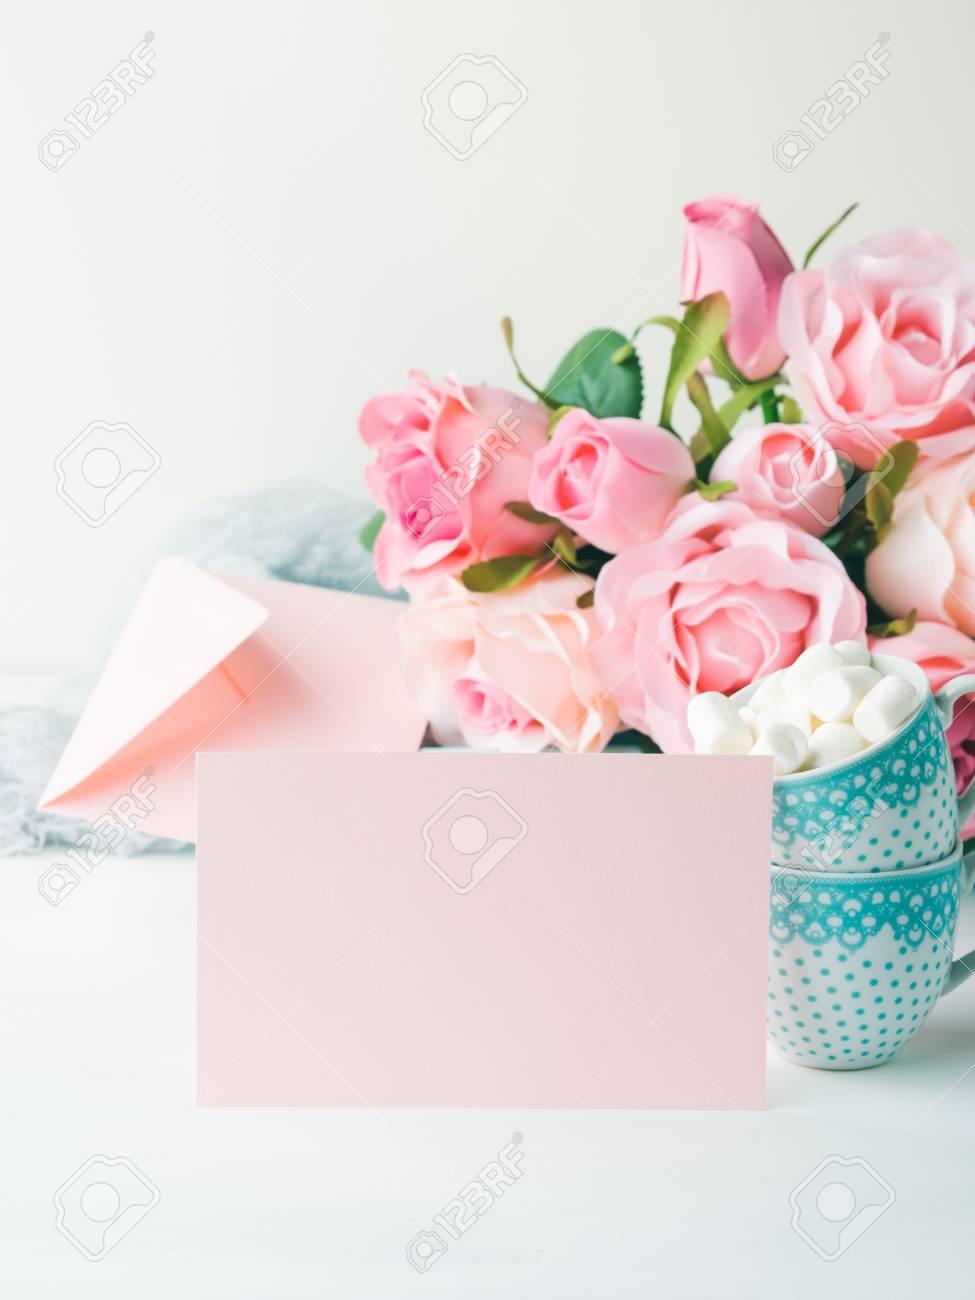 Tarjeta De Papel Rosa En Blanco Para San Valentín O Madre Día De La Mujer Invitación Romántica De La Fecha Del Cumpleaños Del Bebé